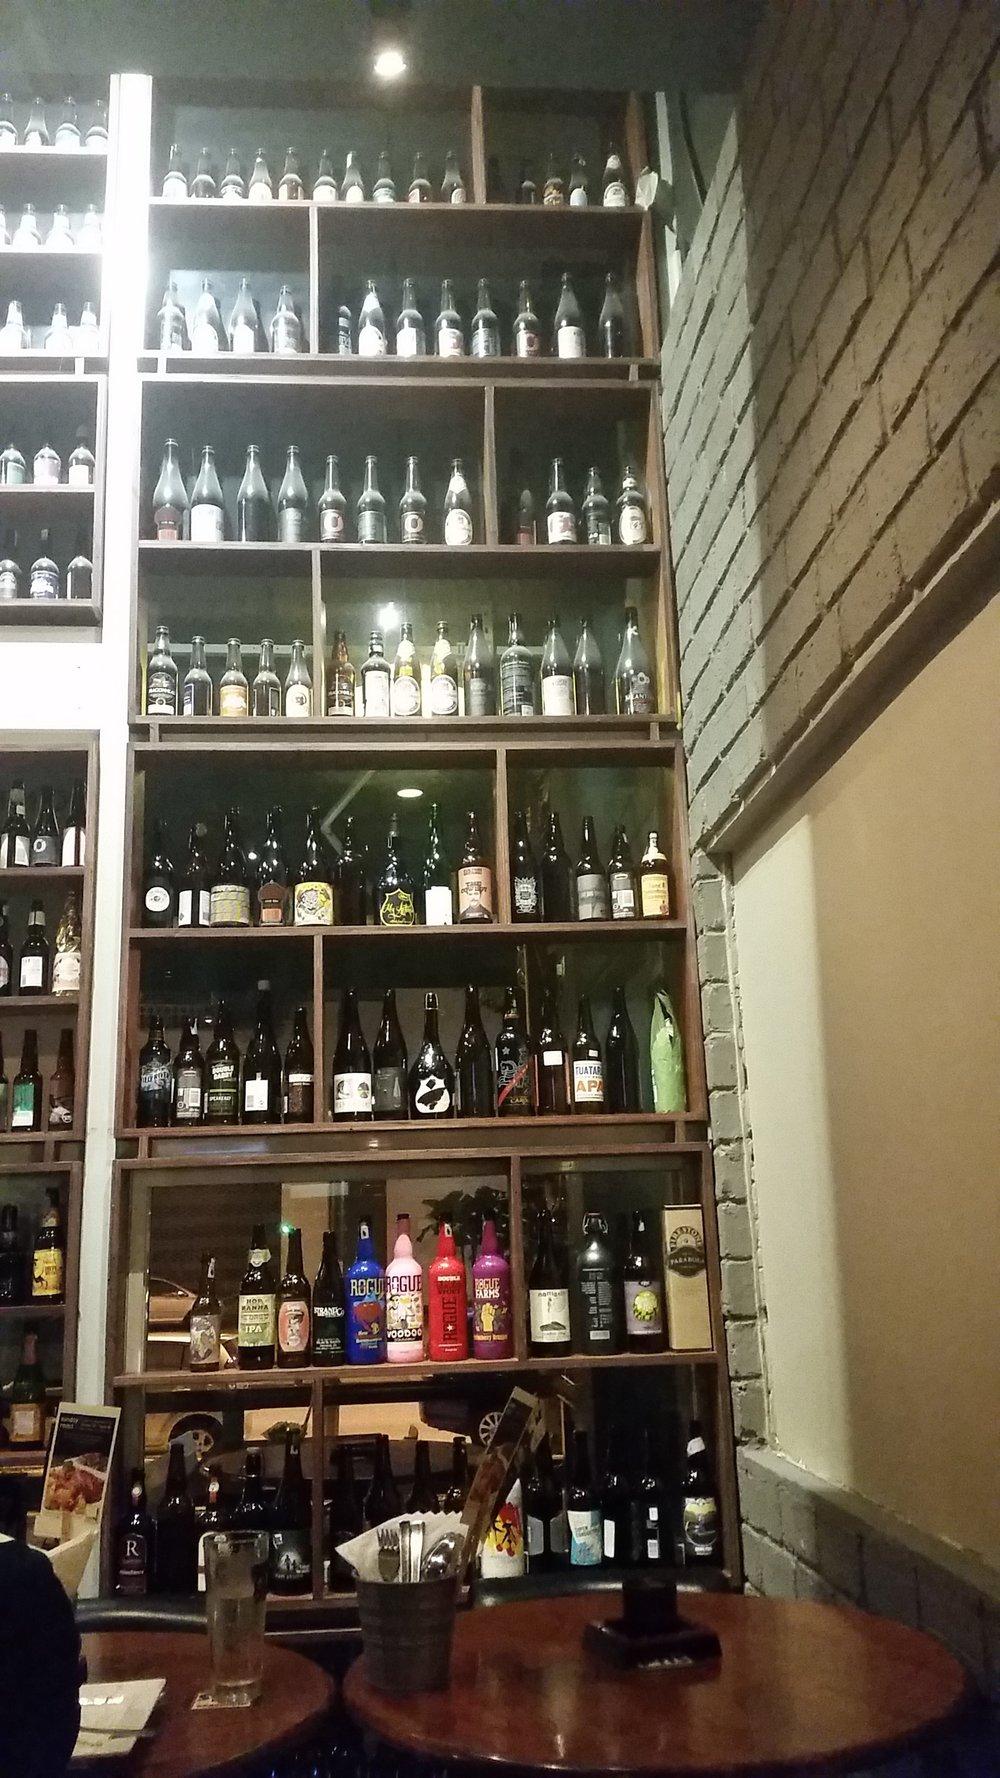 Duvardan duvara biralar. Bahçeye açılan kapının sağ tarafı. En alt sıradaki pembe, kırmızı ve mavi şişeler Rogue'a ait.